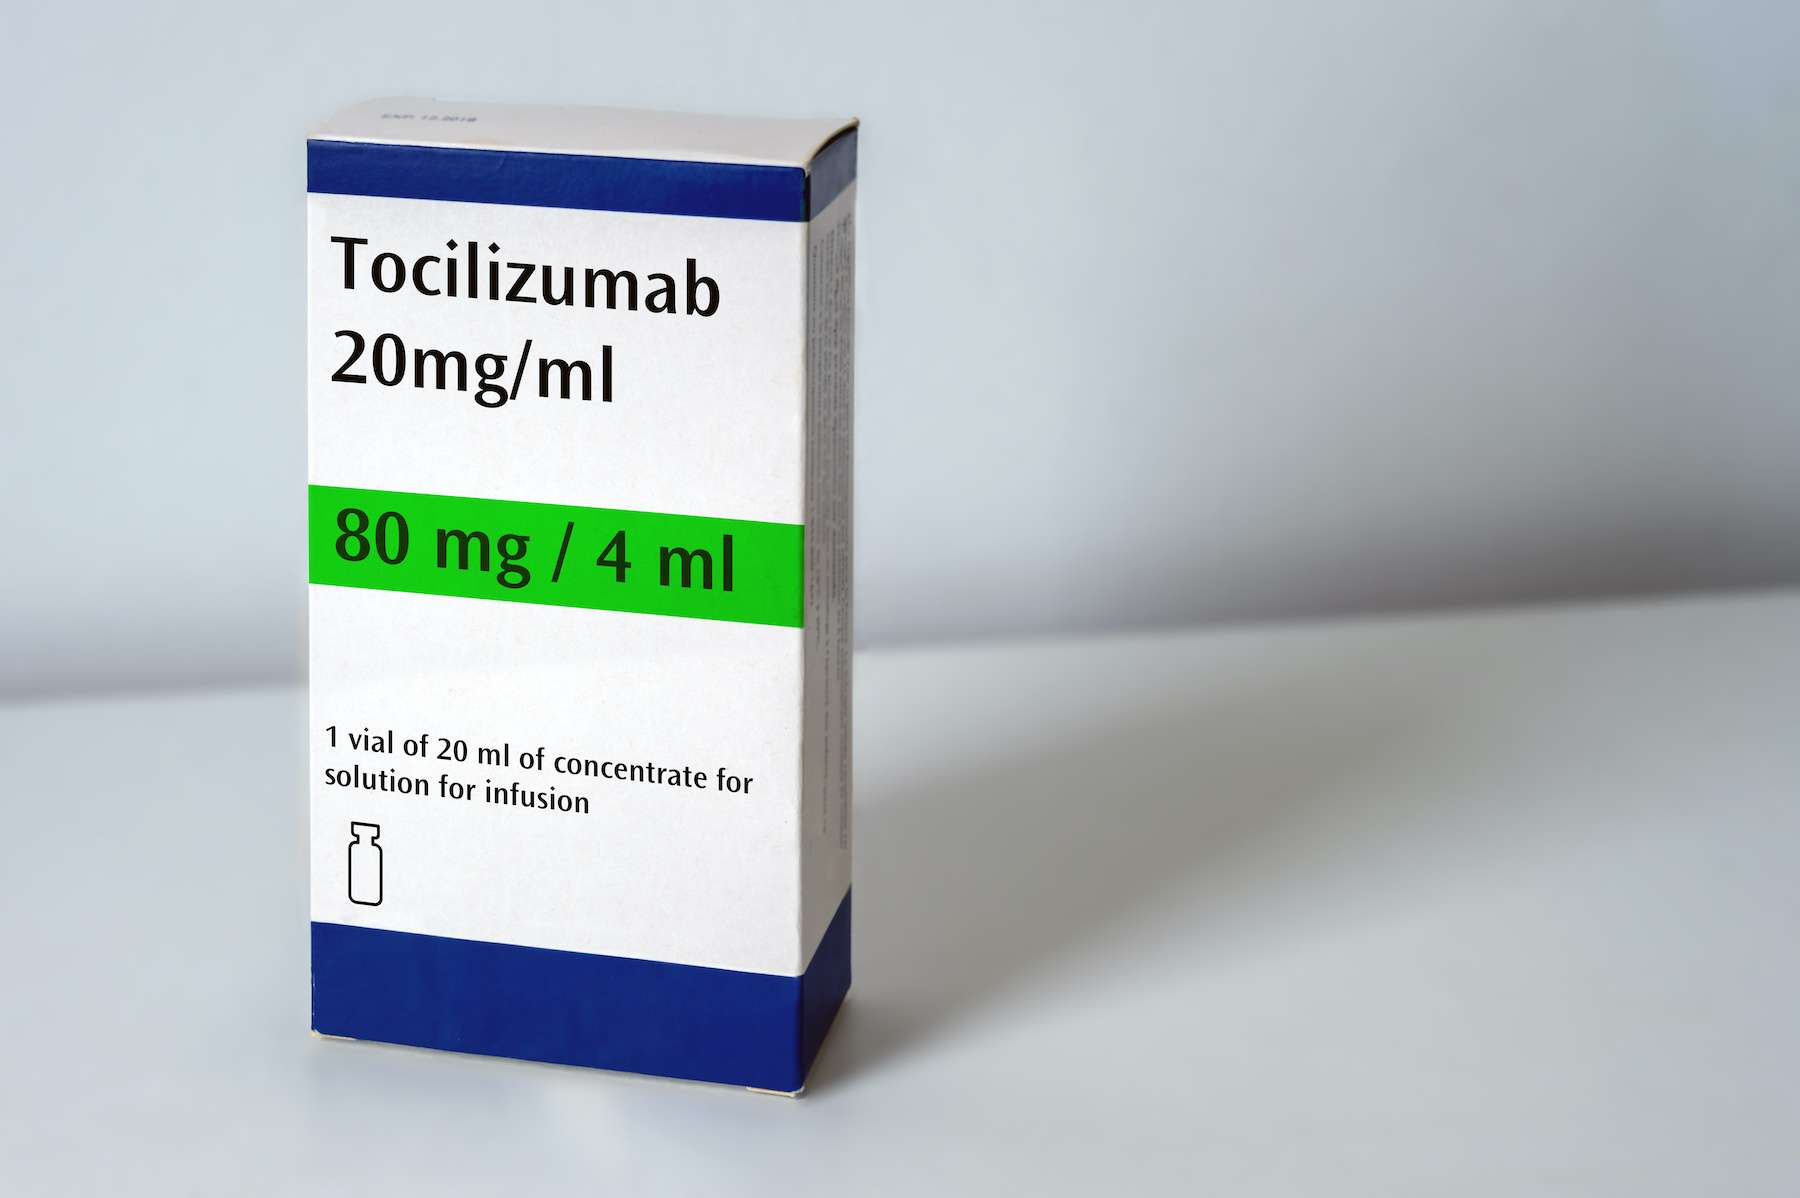 Le tocilizumab est un anticorps monoclonal autorisé depuis 2009 dans l'Union européenne contre la polyarthrite rhumatoïde et les arthrites juvéniles systémiques. © mbruxelle, Adobe Stock